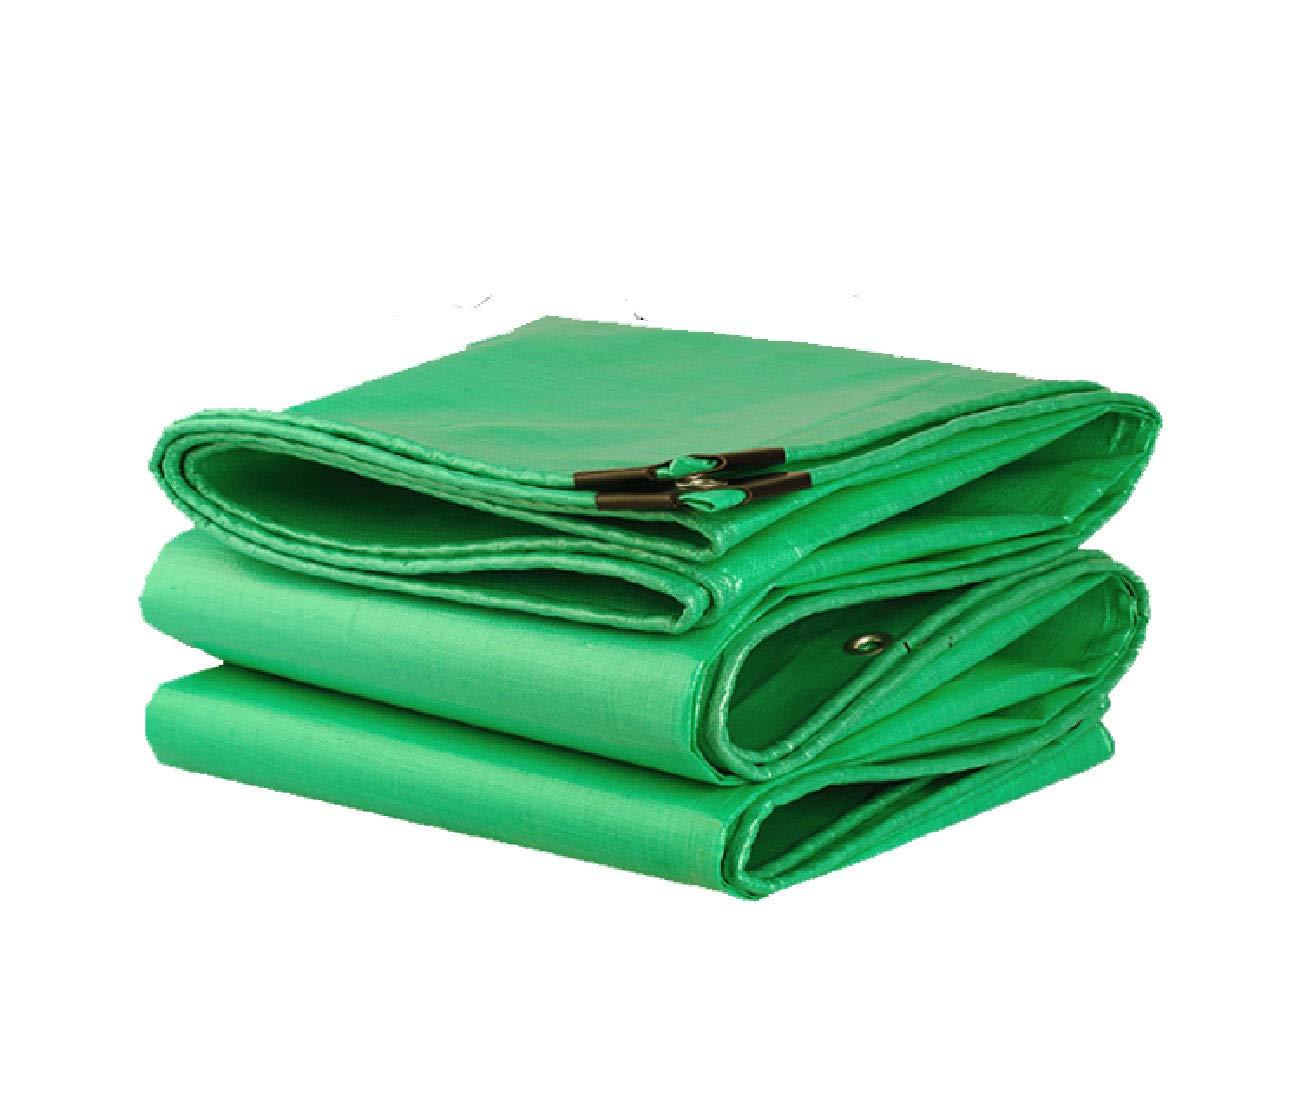 Qewertyuipo Regen-Tuch-Plane, Wasserdichtes Tuch des Wasserdichten imprägnierndes Sonneschirmes des Verdoppelung-Grüns Sonnenschutzisolierung-Überdachungs-Tuch-LKW-Ölbaldachinsegeltuch